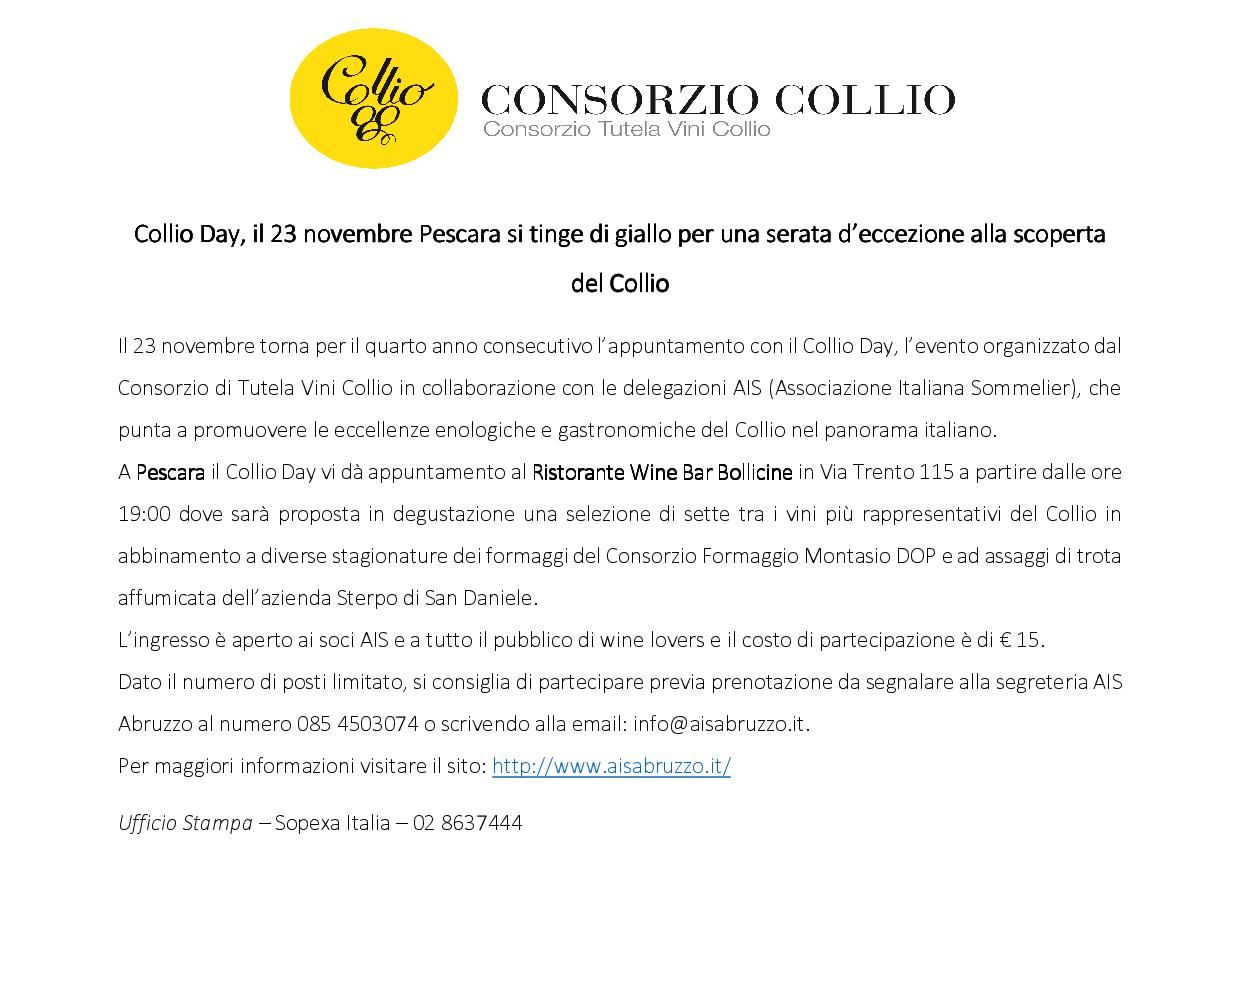 Abruzzo - Collio Day, il 23 novembre Pescara si tinge di giallo